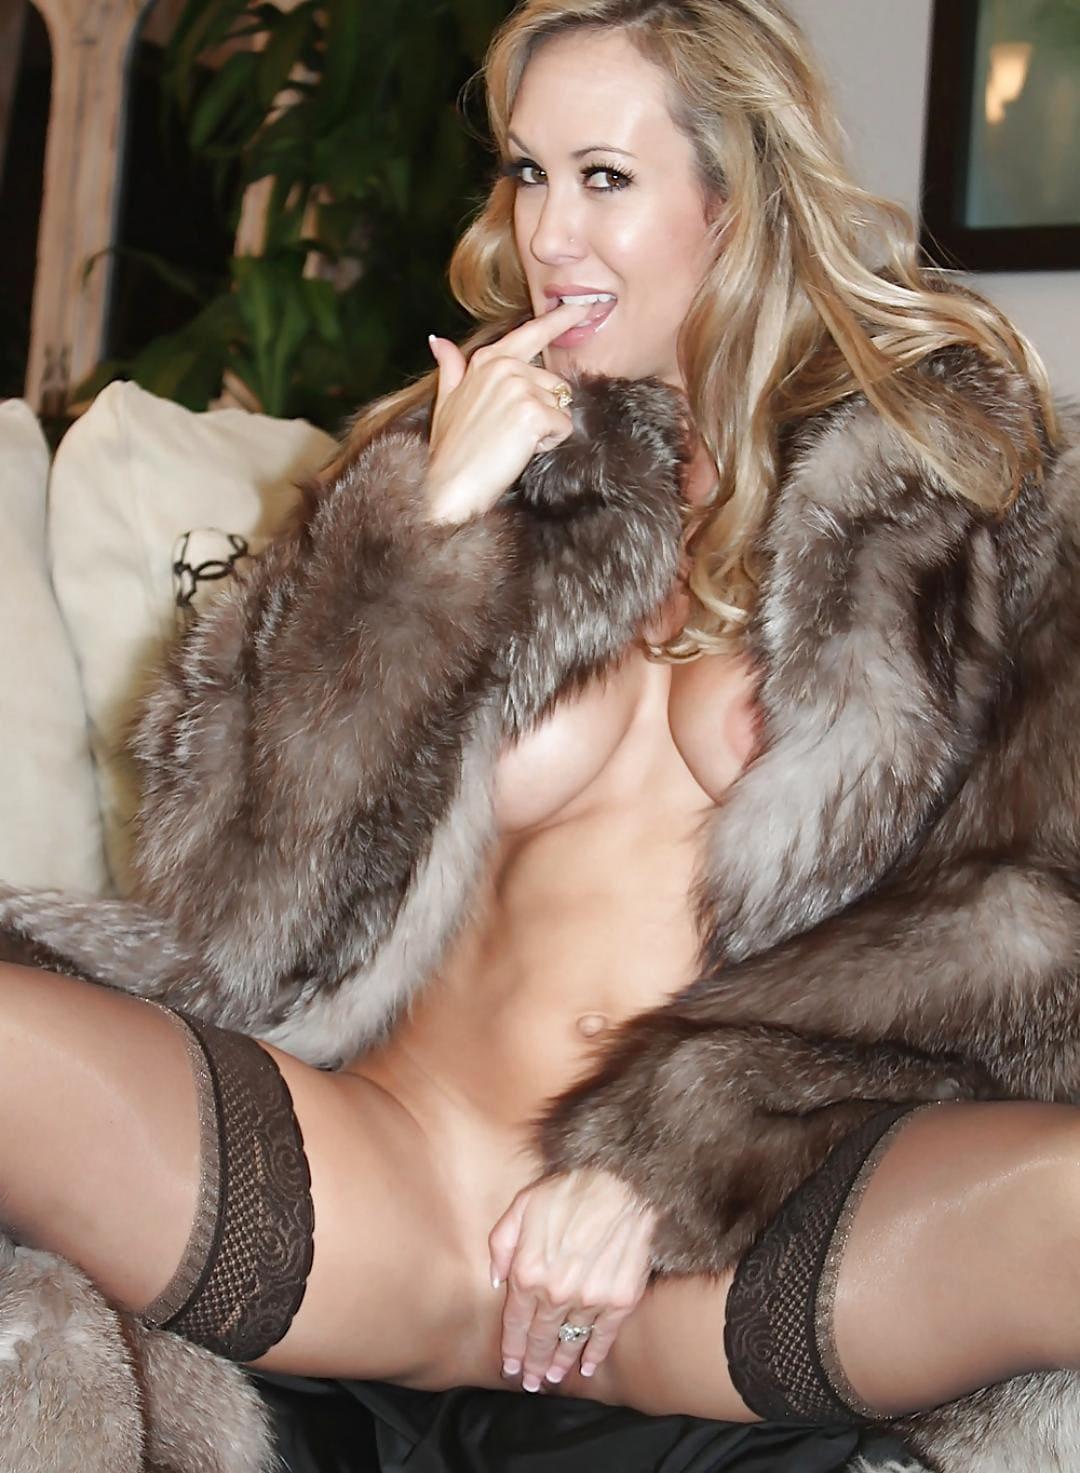 Красивая зрелая женщина блондинка в шубе на голове тело сидит на диване раздвинув ноги в черных чулках, правой рукой прикрывает интимное место, левый пальчик держит во рту